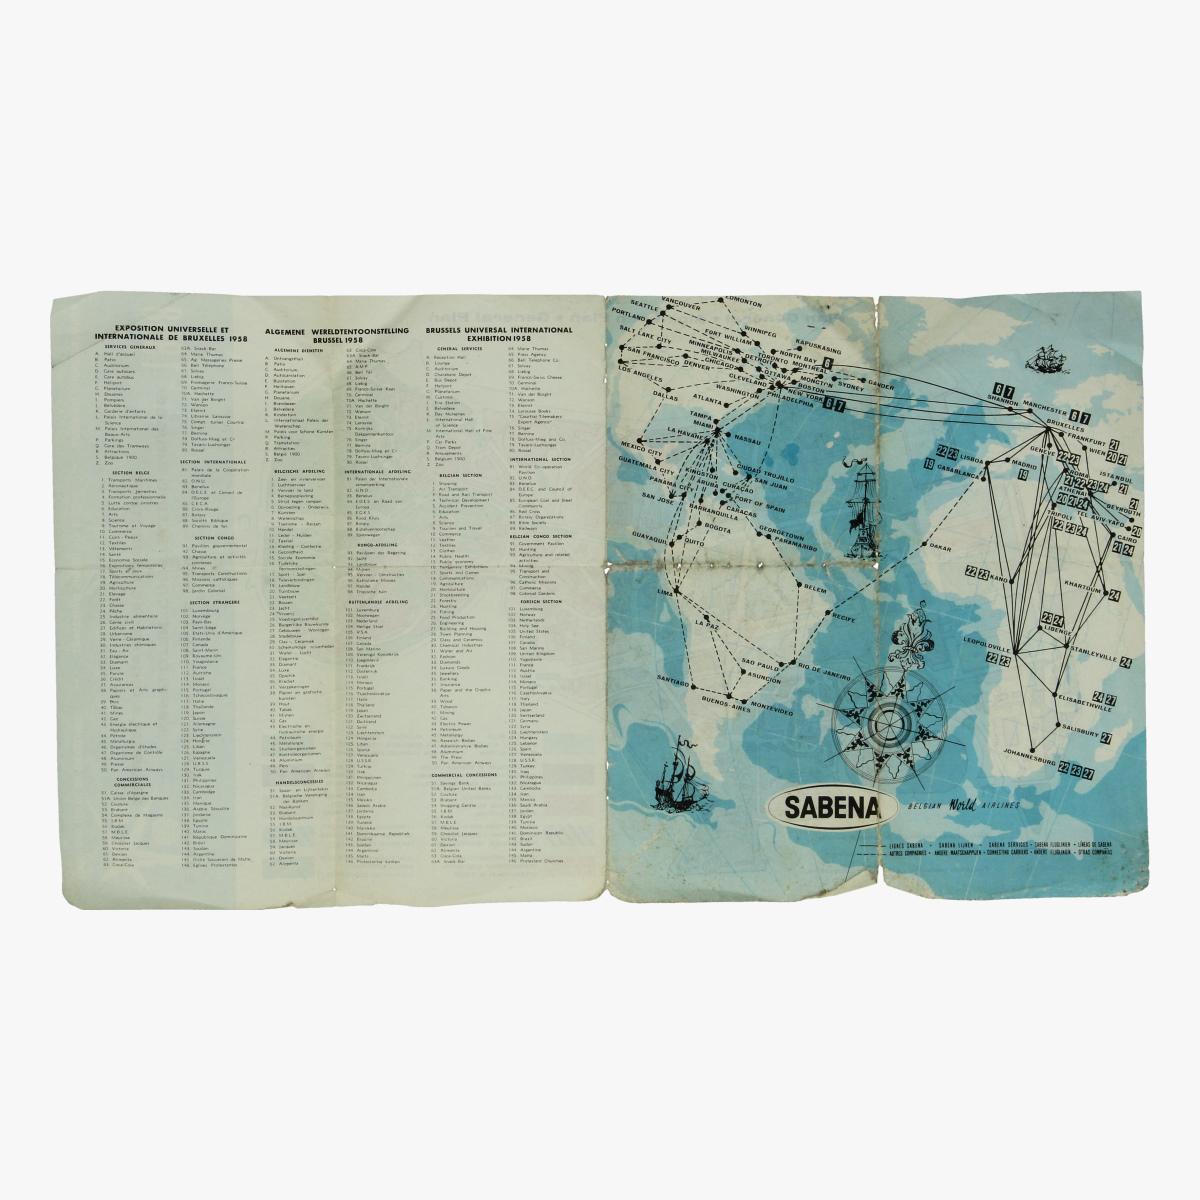 Afbeeldingen van algemeen plan expo 58 - sabena - wereldtentoonstelling